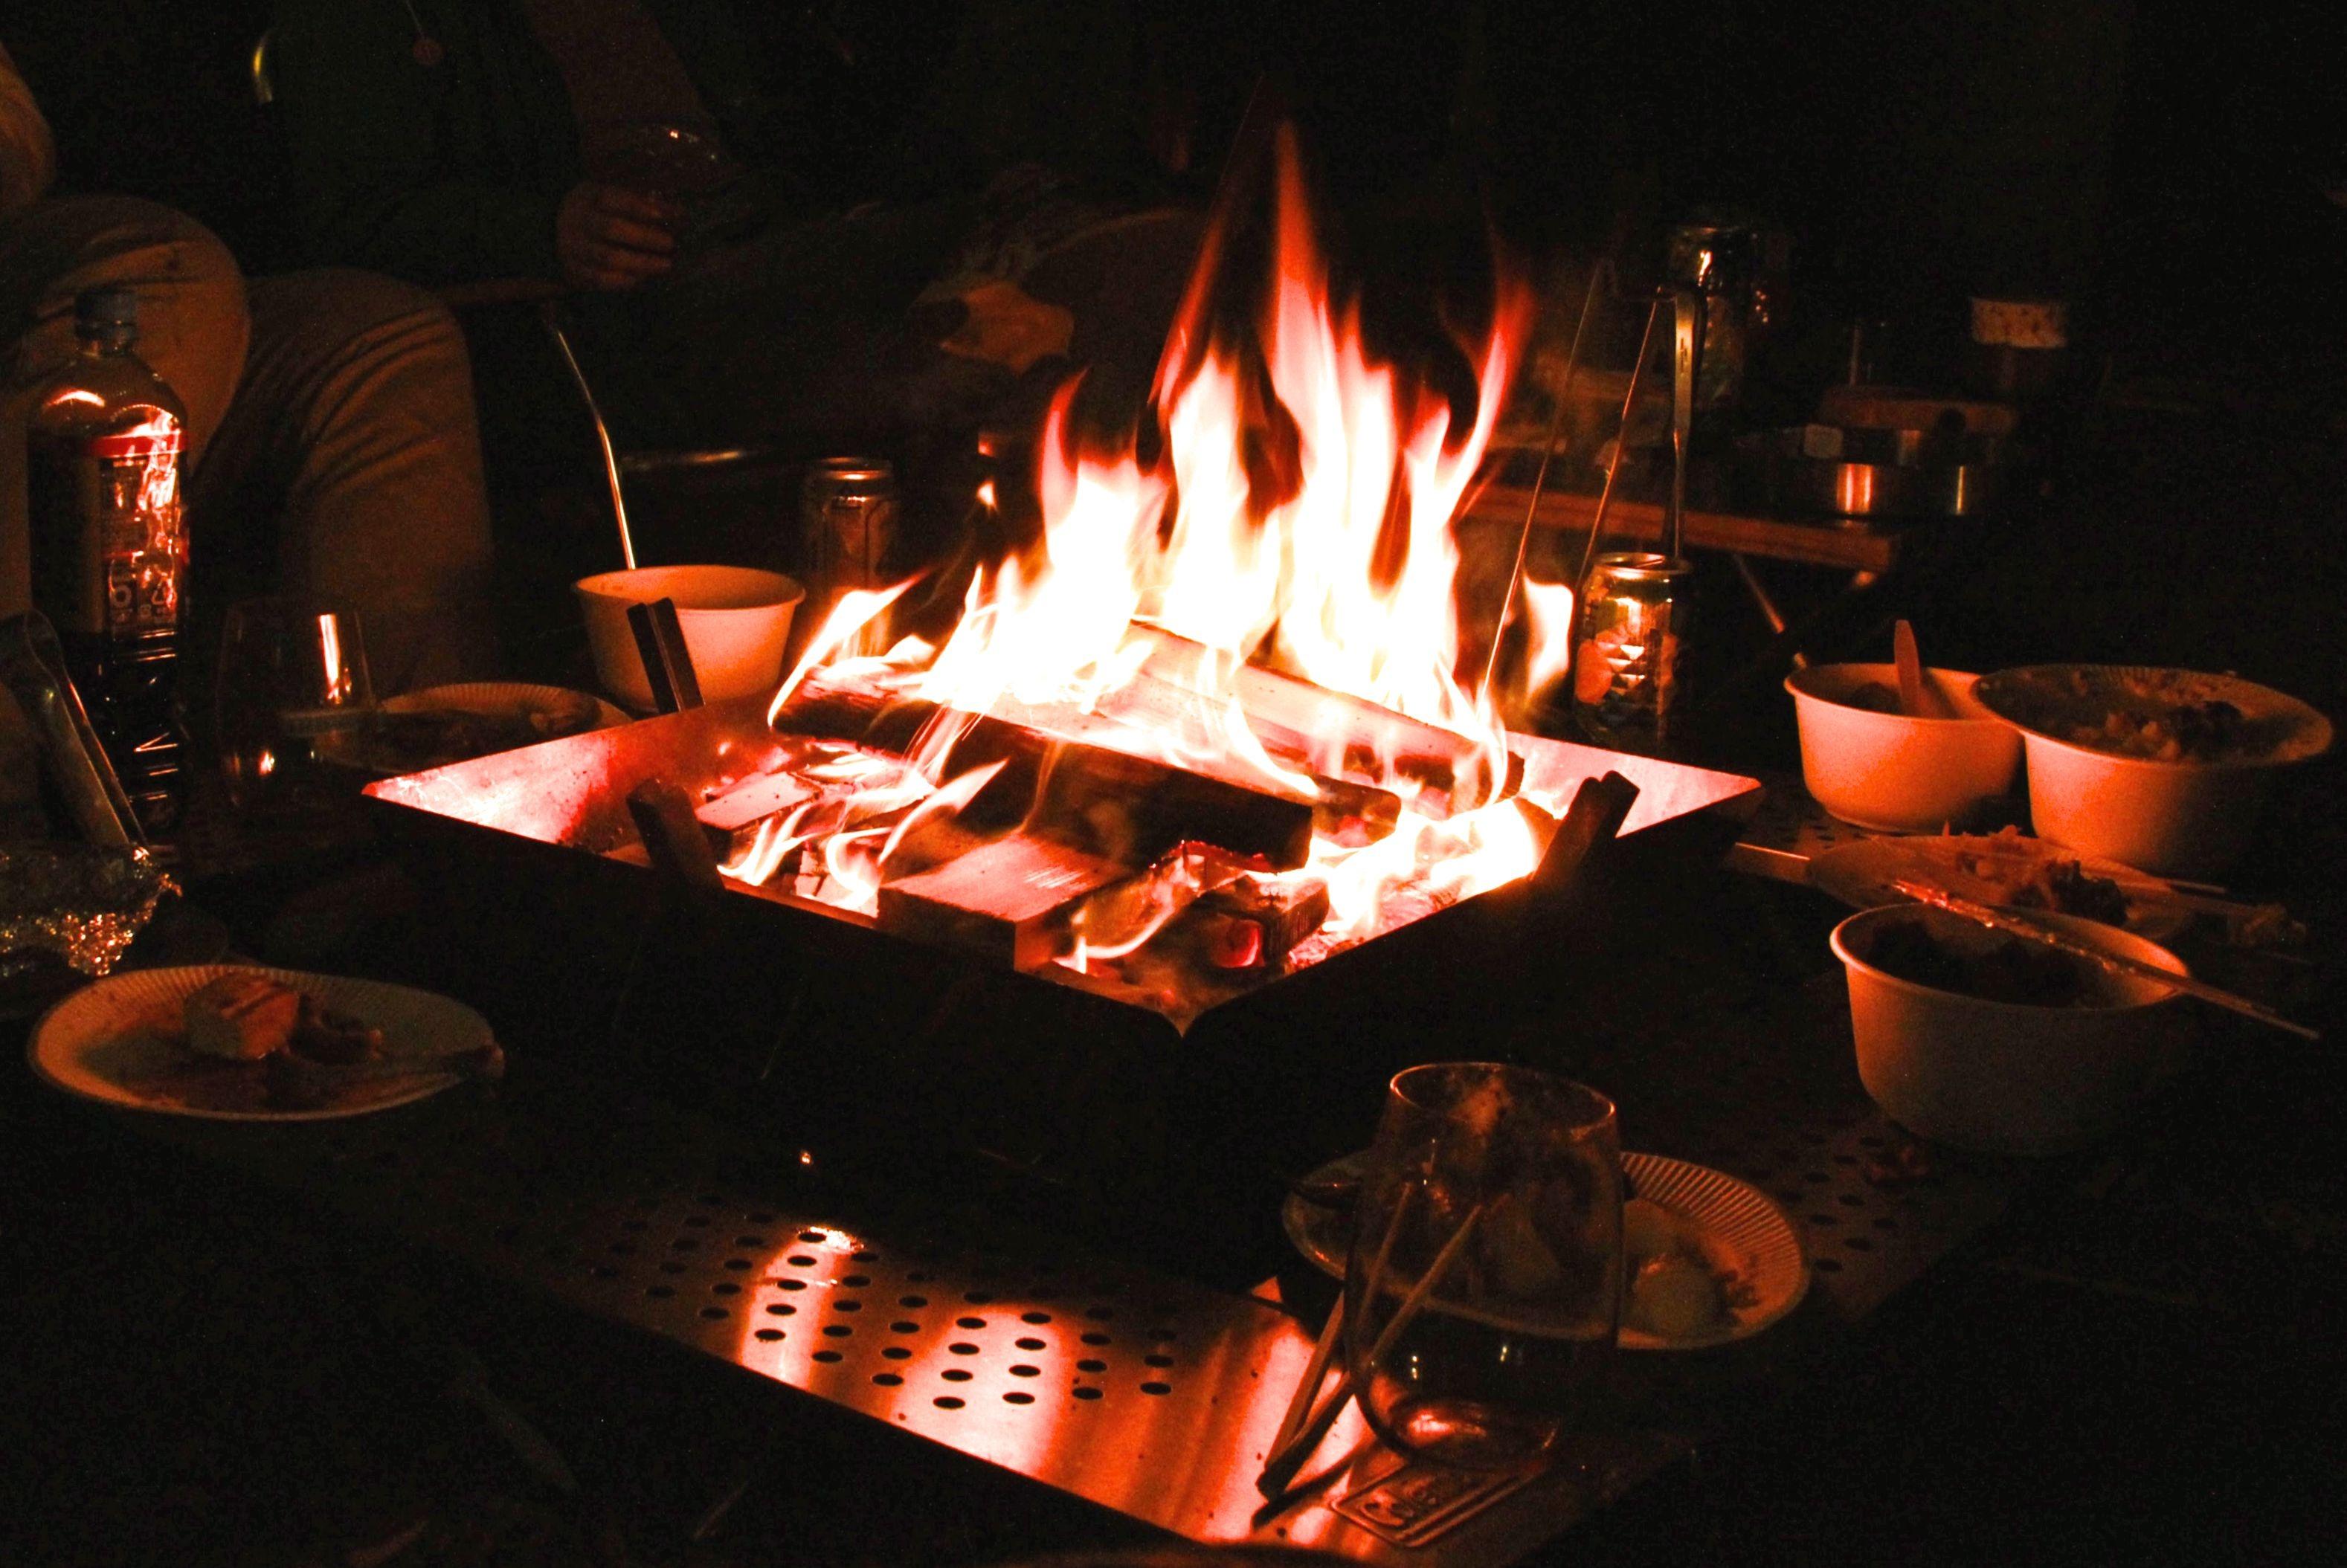 囲炉裏テーブルと焚火